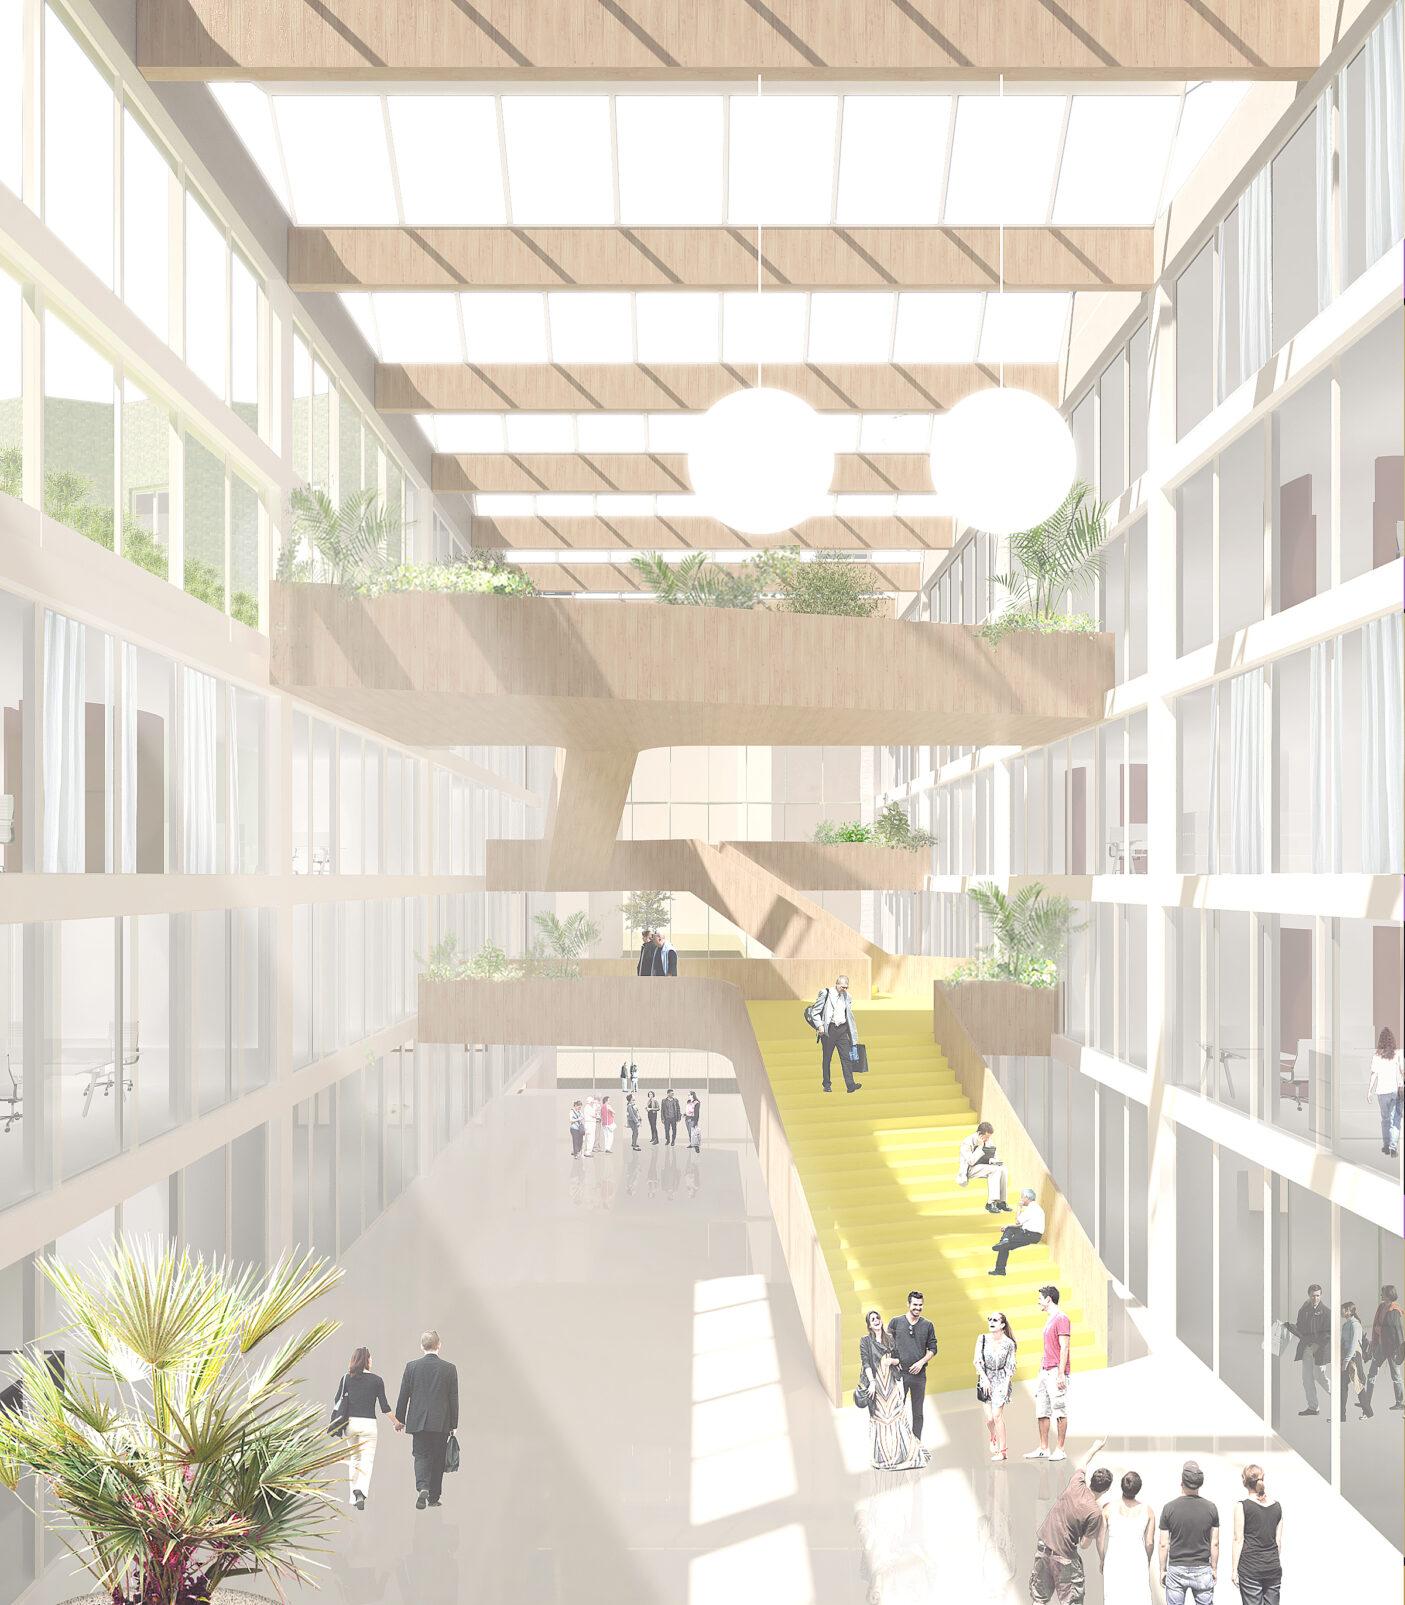 atrium-scaled.jpg